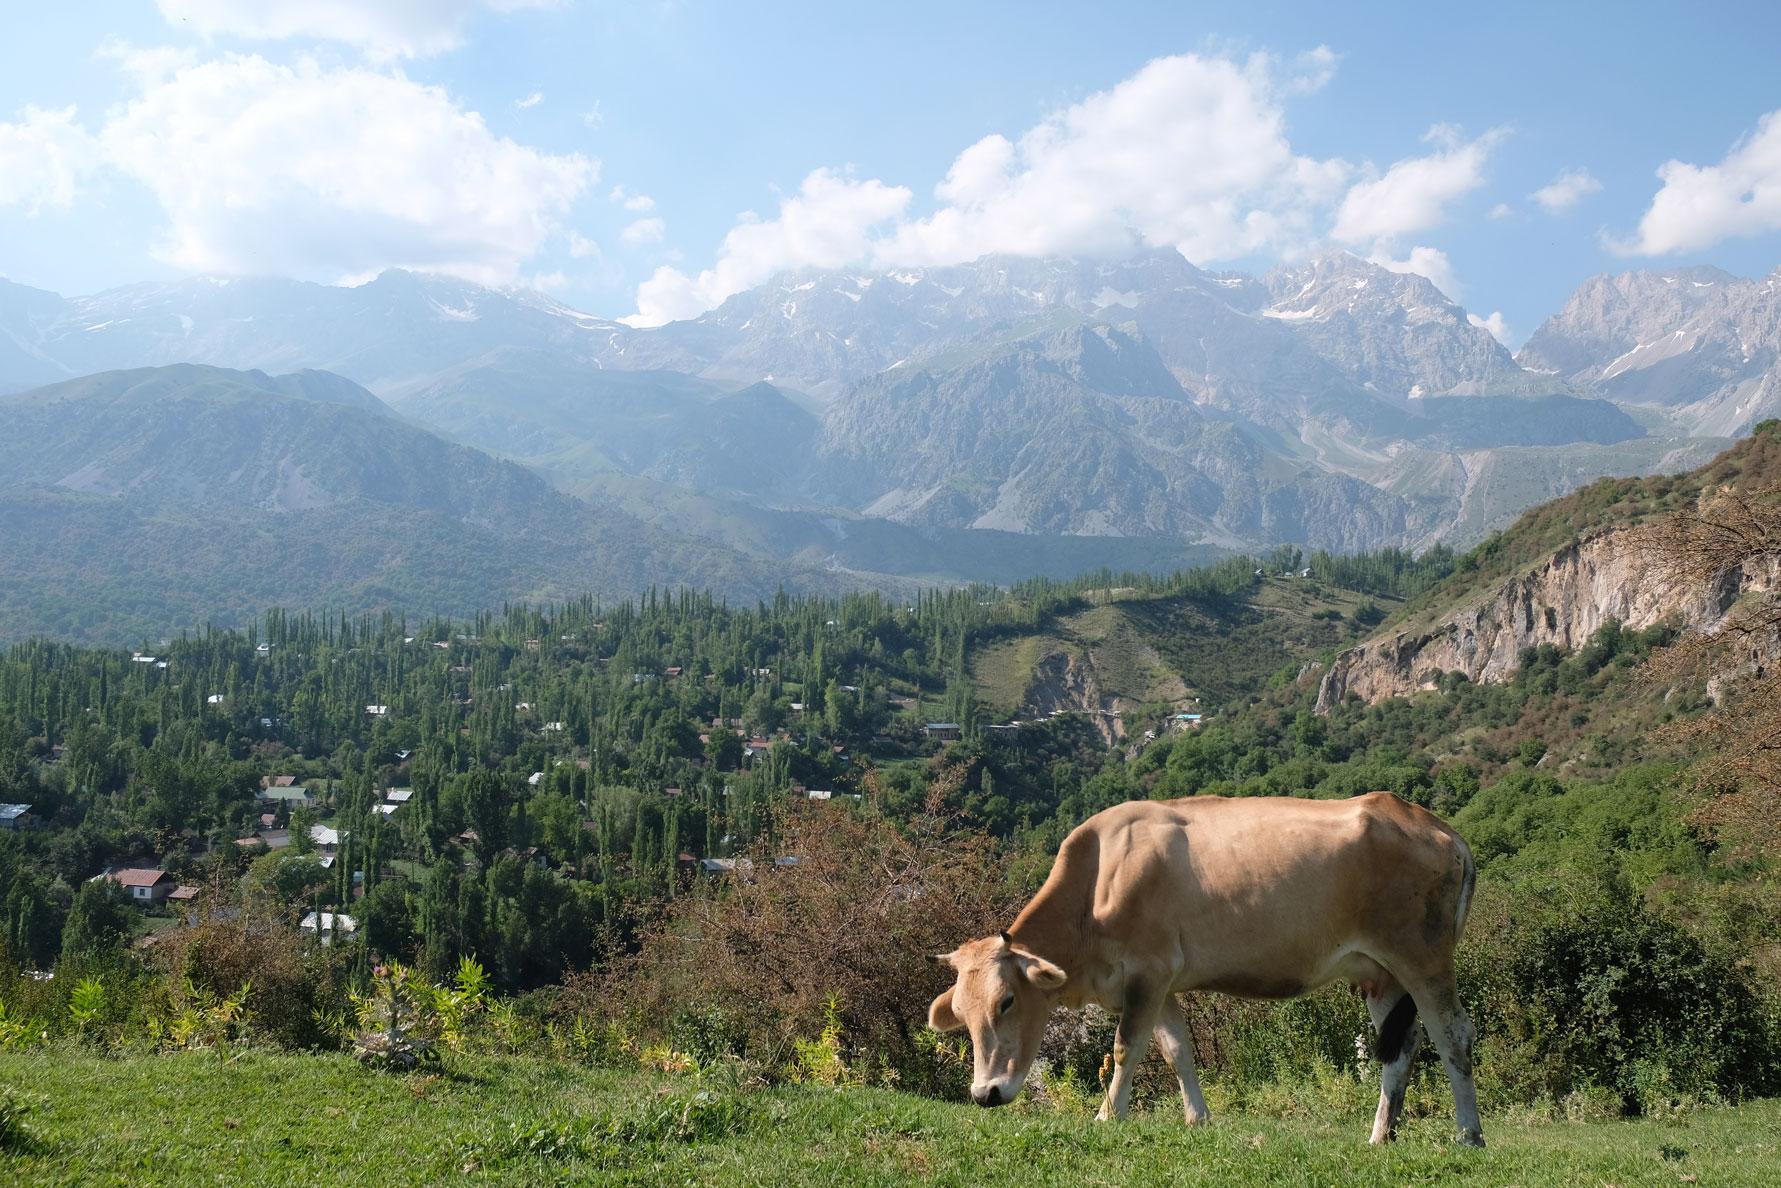 Eine Kuh grast. Im Hintergrund sieht man Arslanbob und Berge.